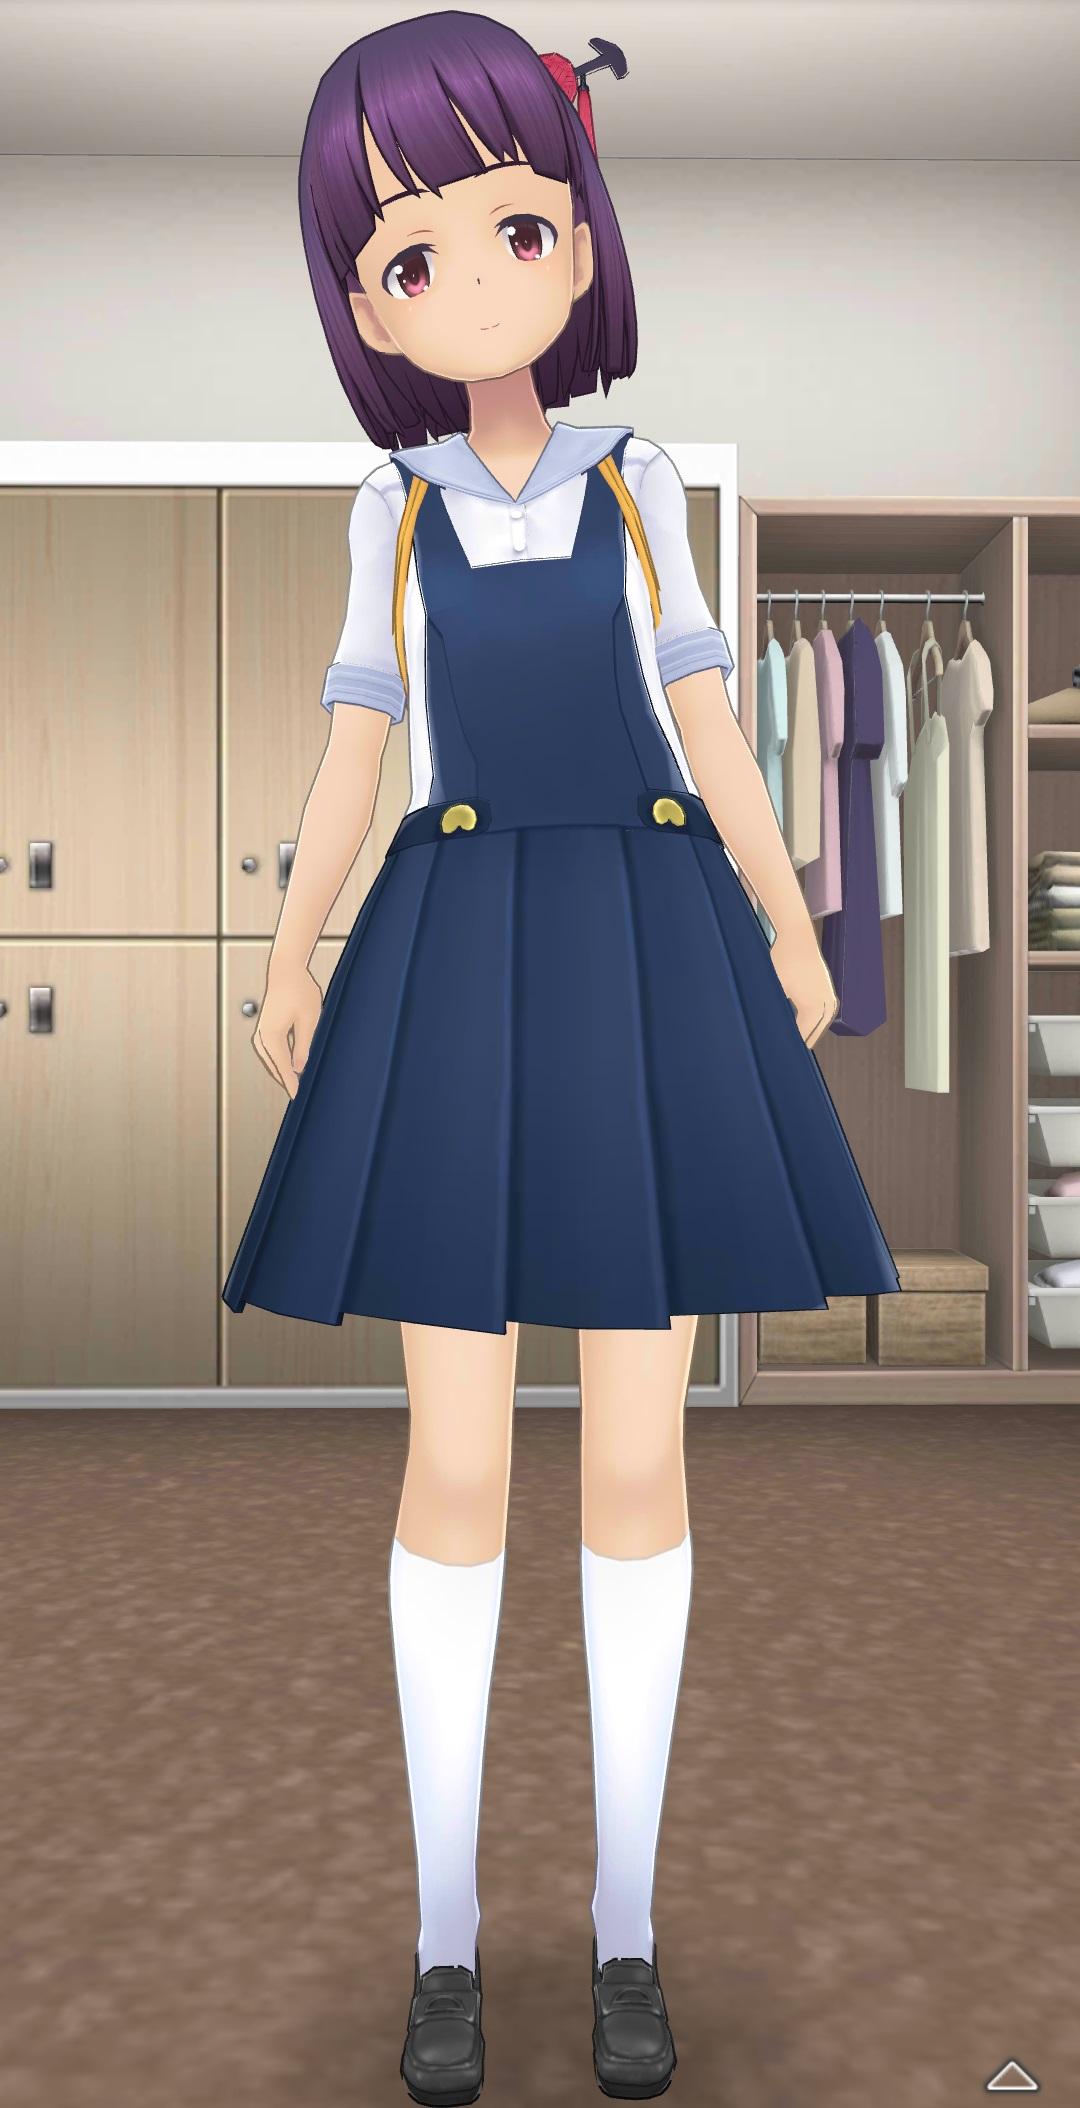 鐘月小学校の制服-全身前.jpg